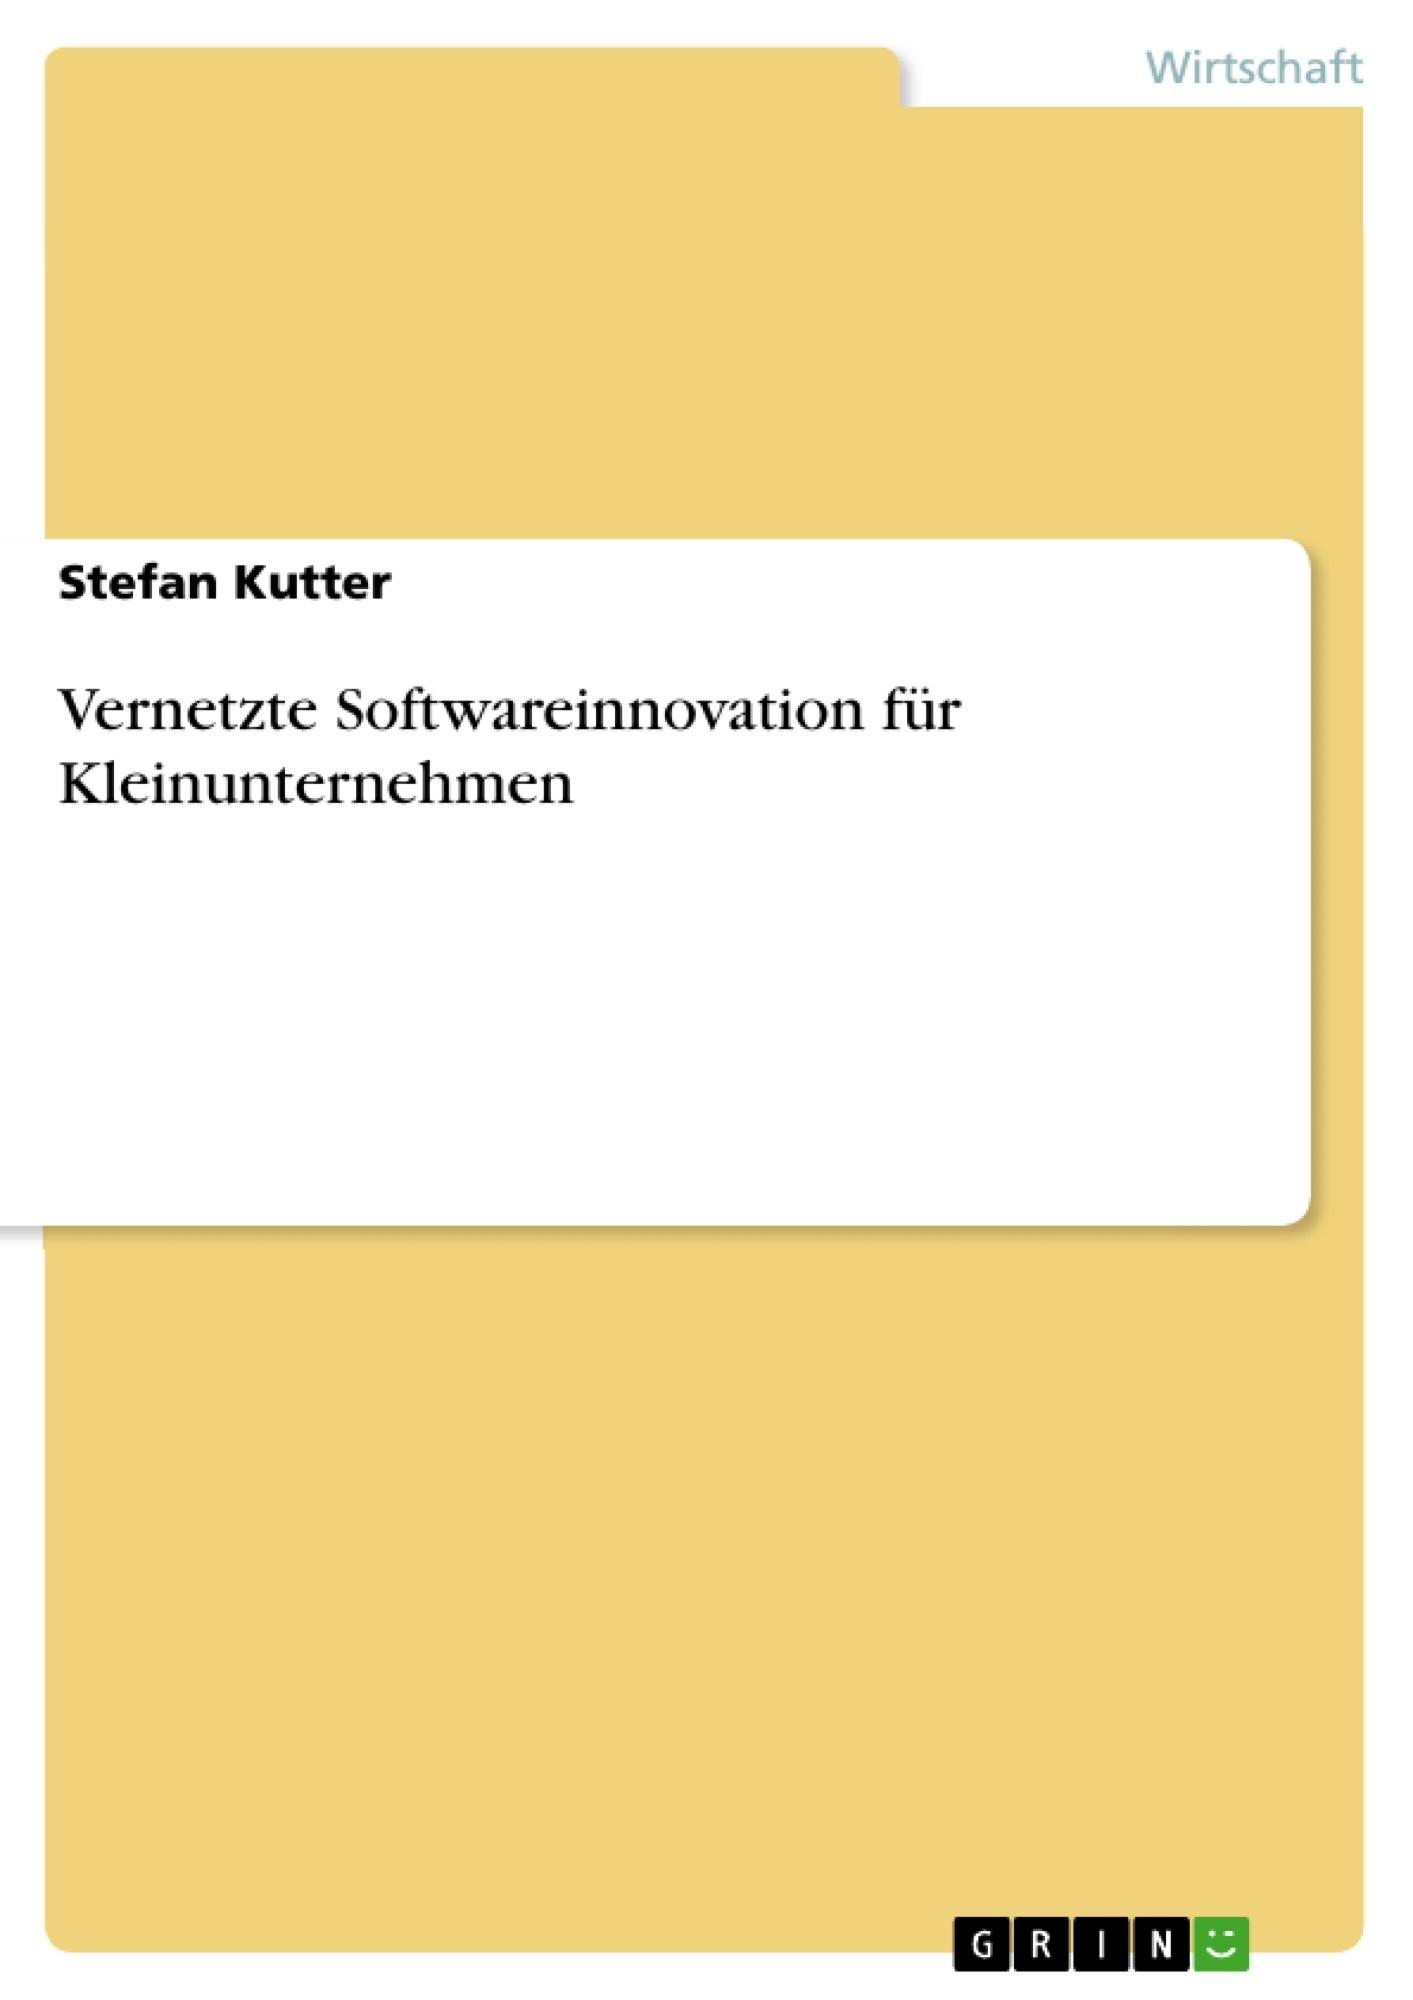 Titel: Vernetzte Softwareinnovation für Kleinunternehmen